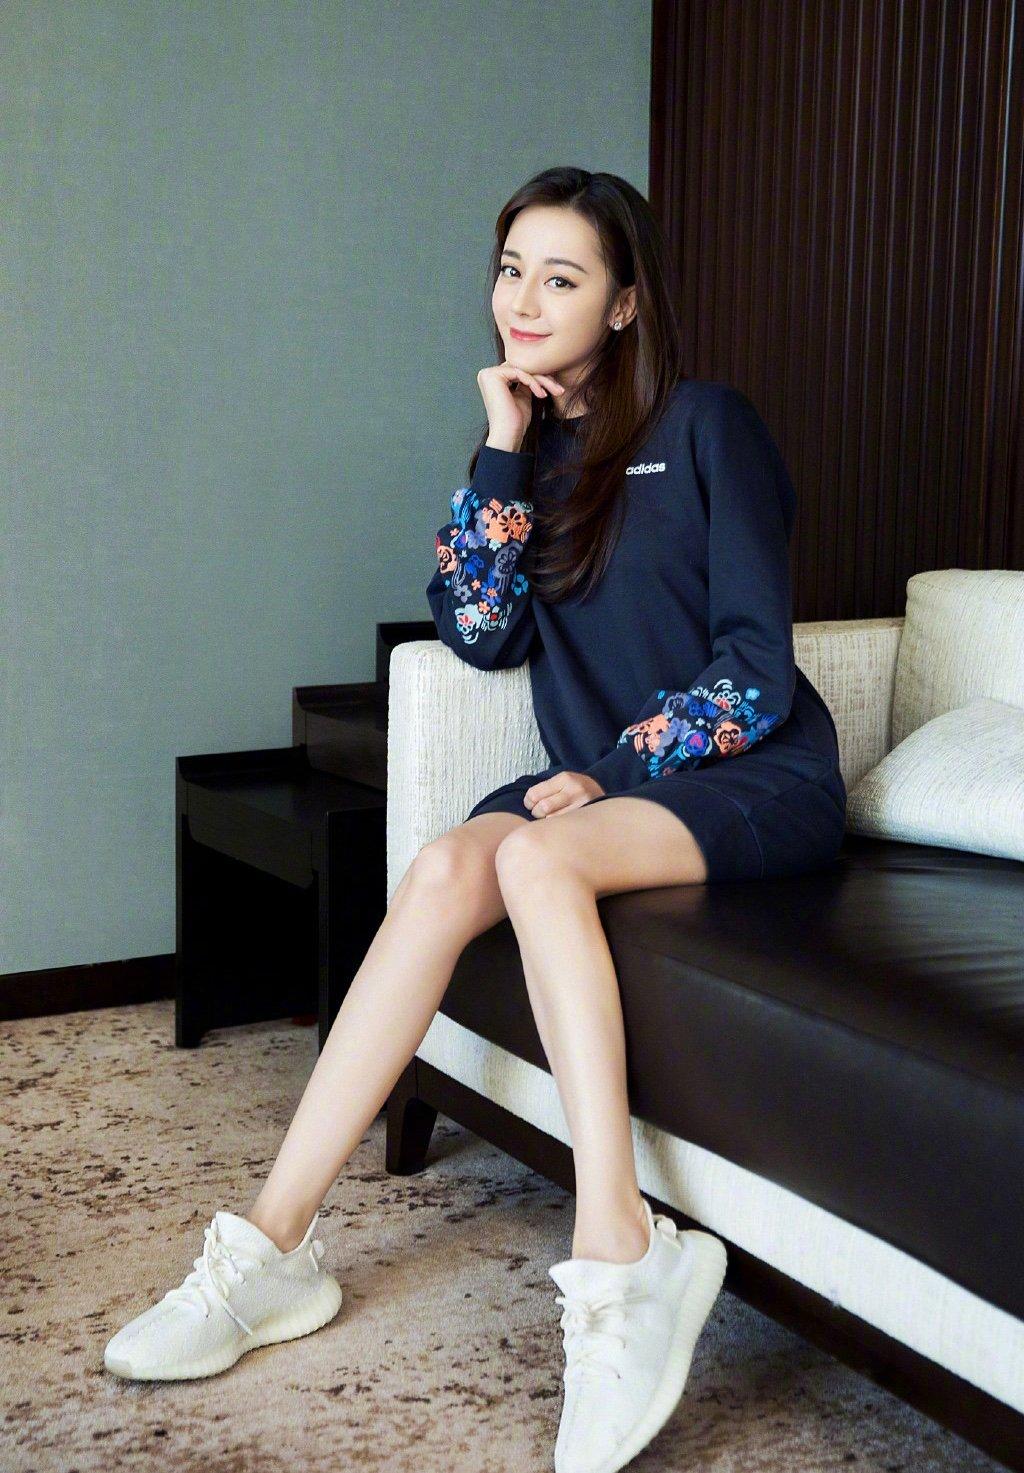 微博#女明星腿精大赛#,跟看买家秀一起来看看大长腿12